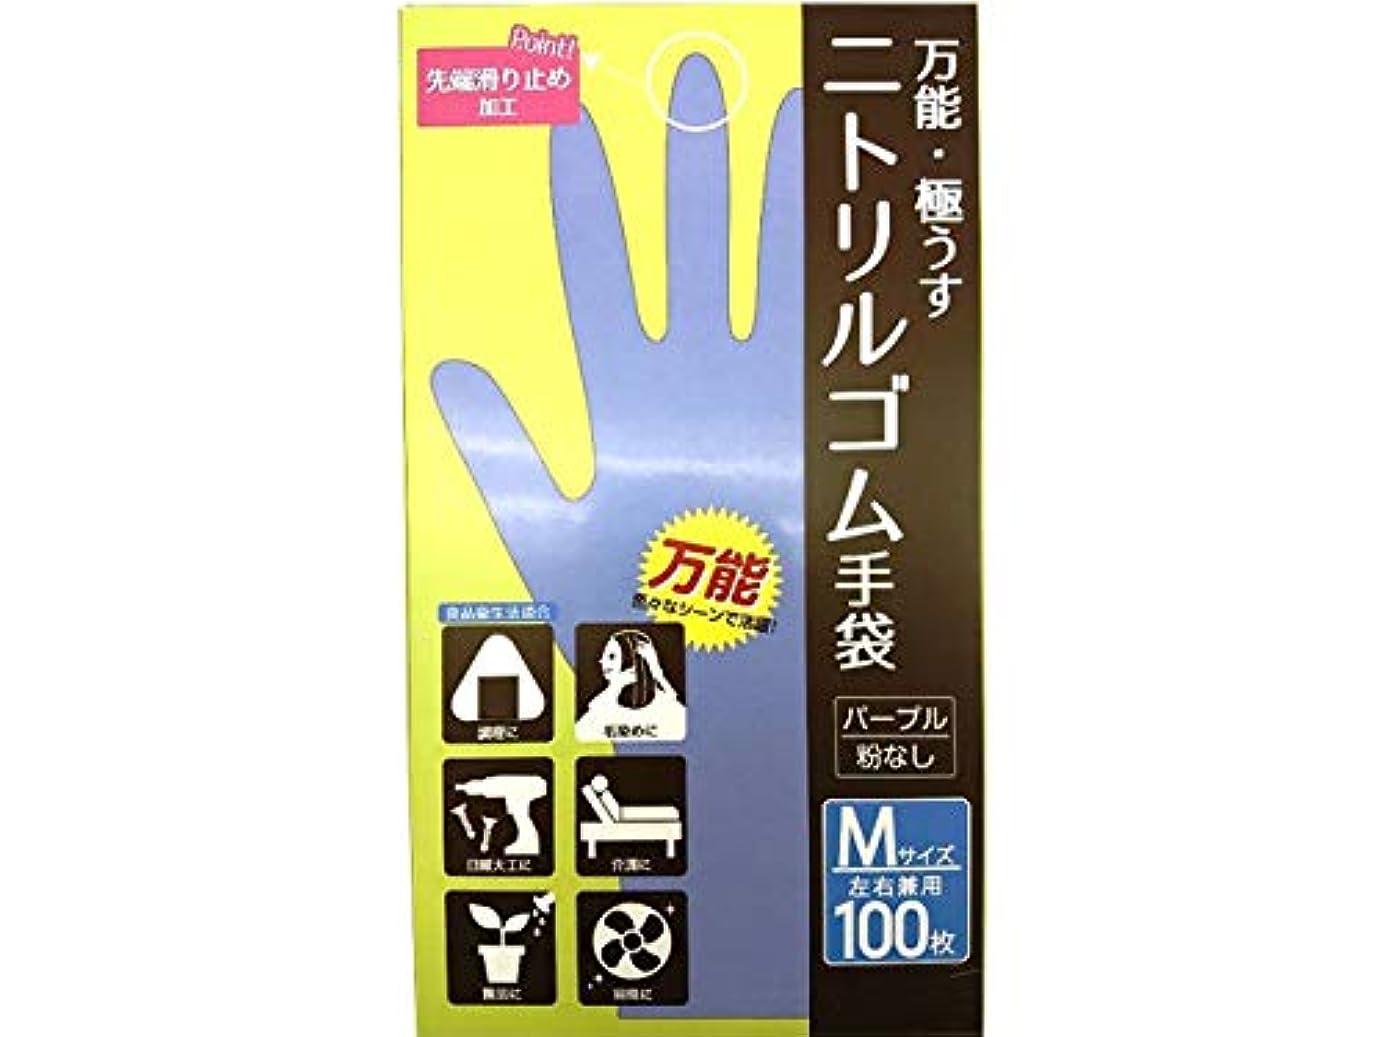 しなければならない孤独衝撃CS ニトリルゴム手袋 M 100P